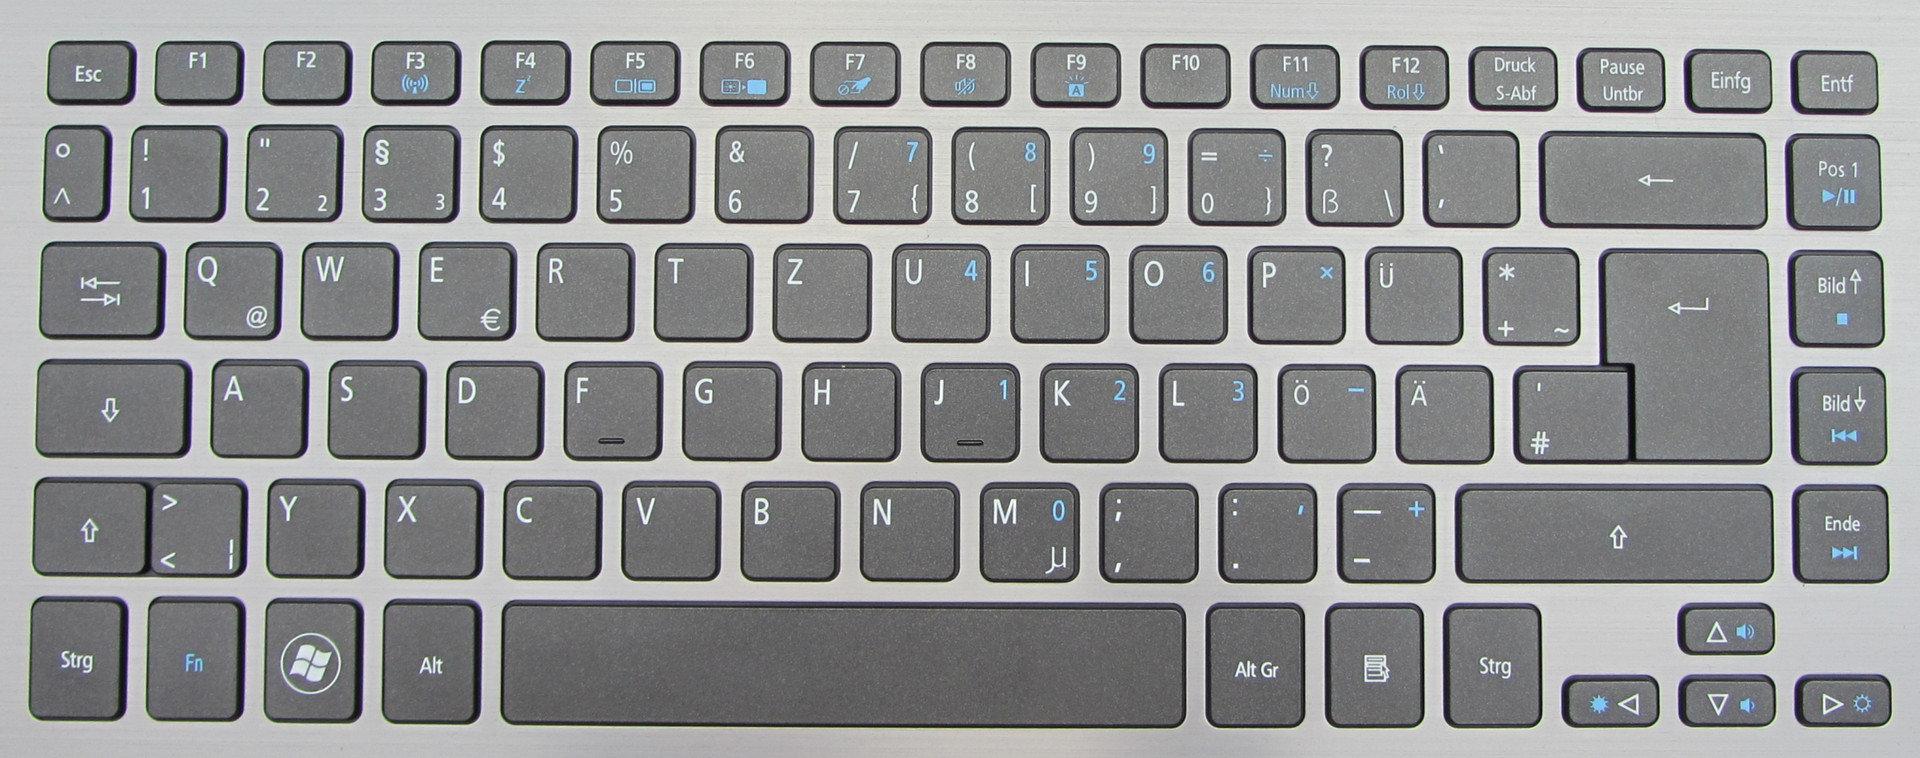 Windows 10 Tastatur Kombinationen 0